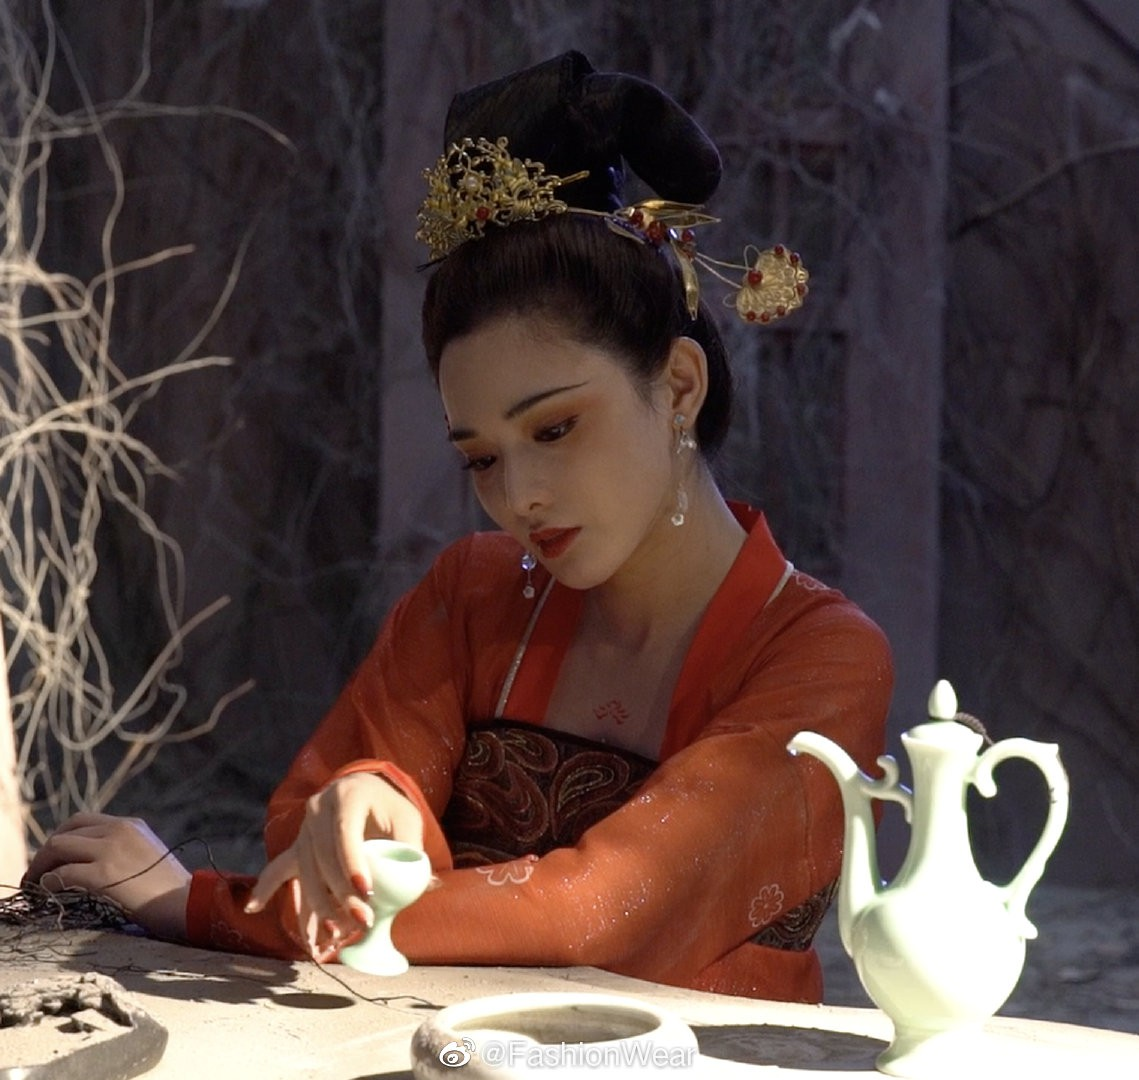 VZN News: Gà cưng của Phạm Băng Băng - Bành Tiểu Nhiễm được khen vì màn hoá thân Yêu Miêu không thua đàn chị! - Ảnh 3.